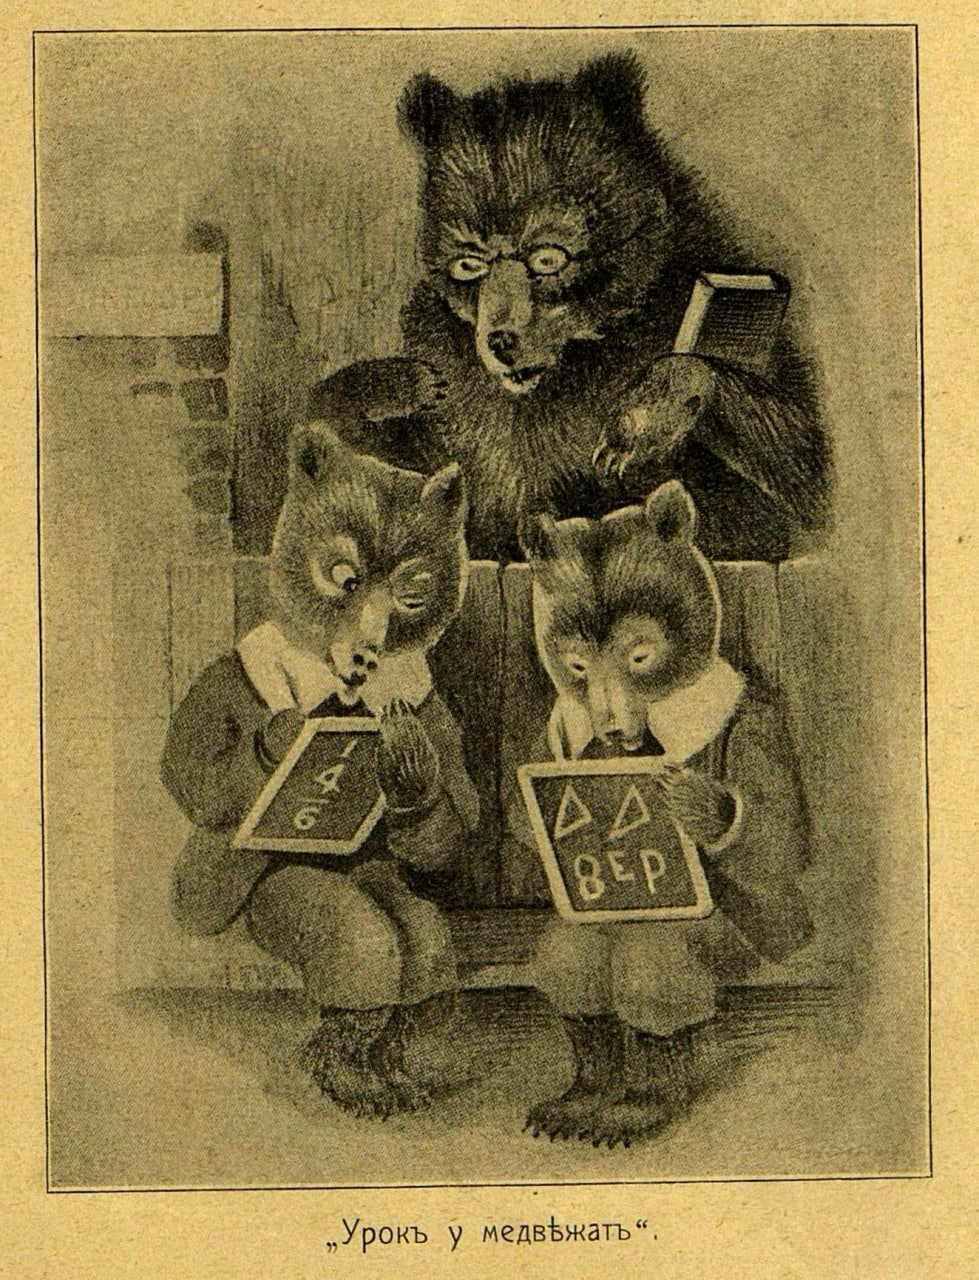 Урокъ у медвѣжатъ  Мишка учит медвѣжатъ И баллы имъ ставитъ… Но одинъ учиться...